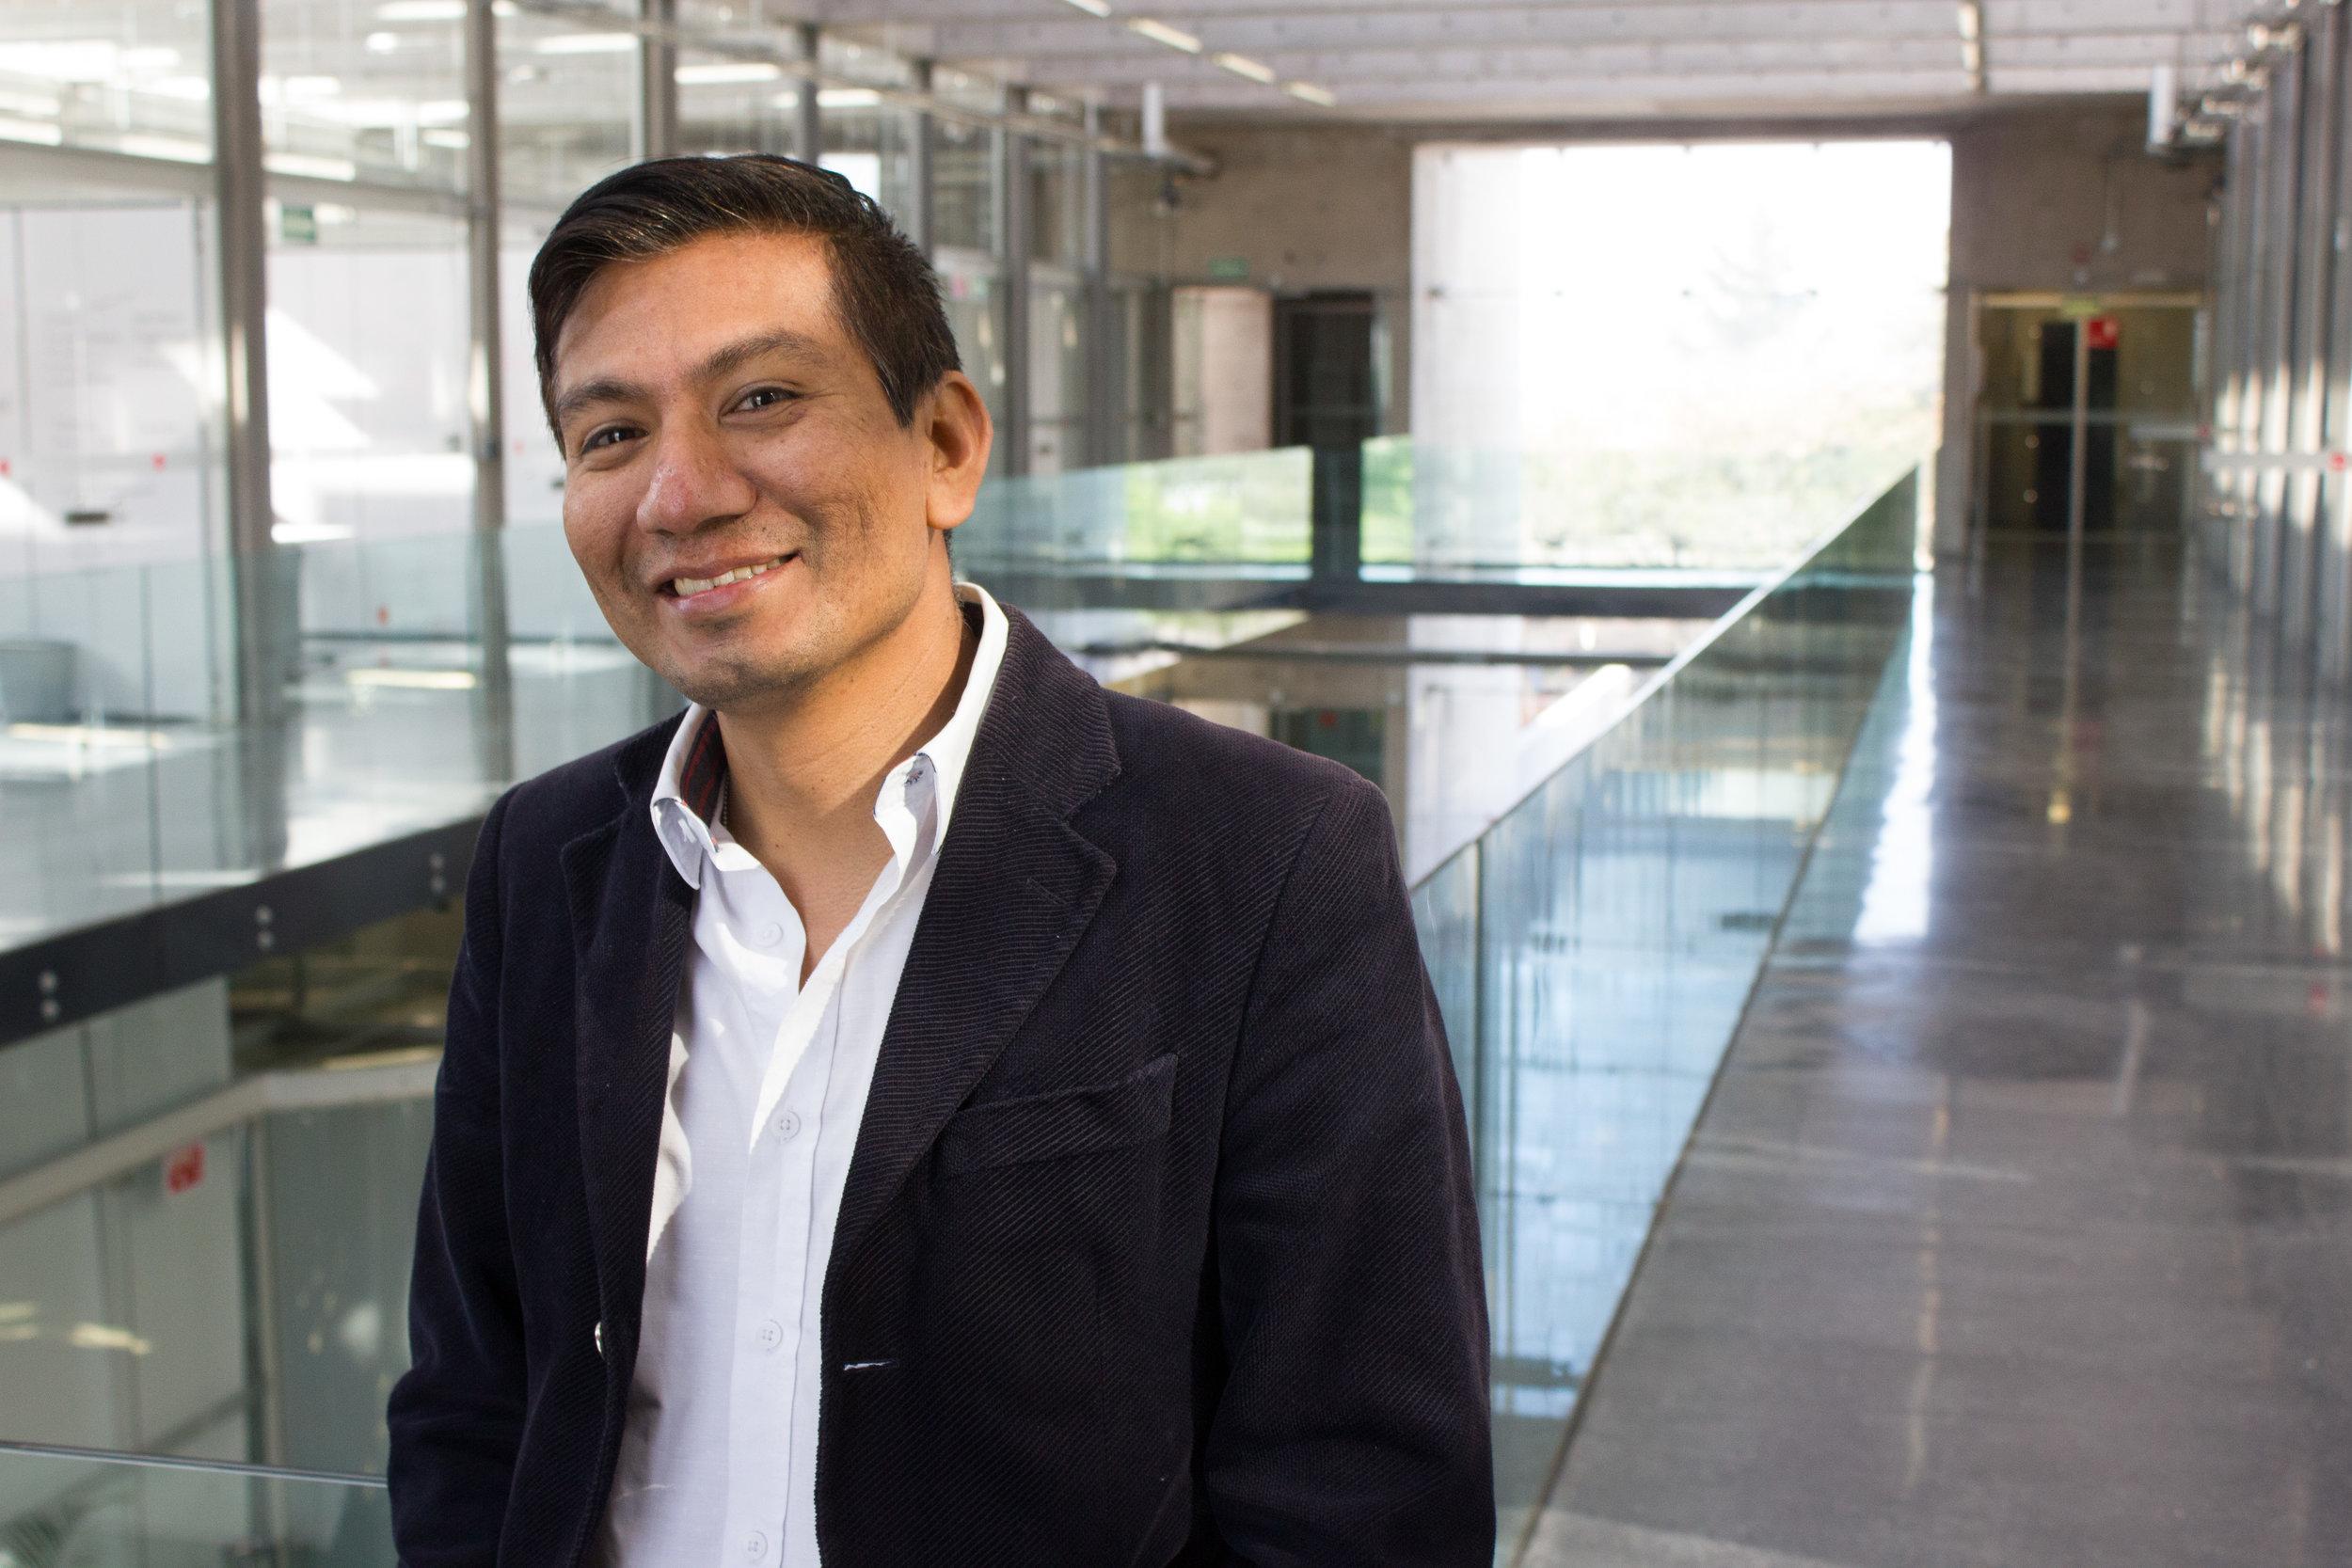 Dr. Luis Adolfo Torres - Participara con la conferencia